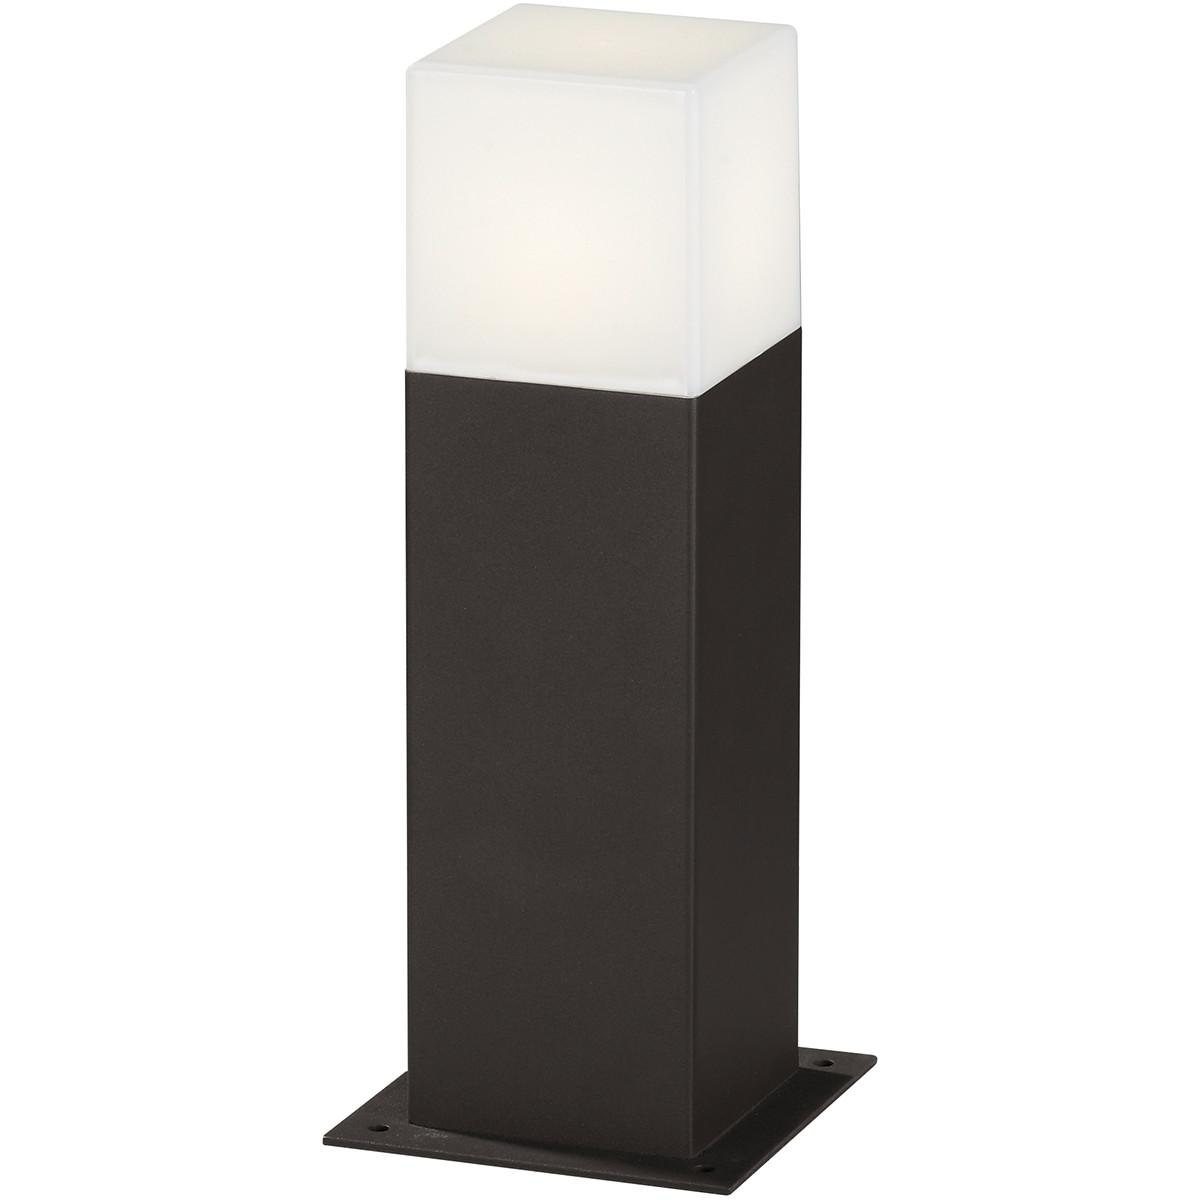 LED Tuinverlichting - Buitenlamp - Trion Hudsy - Staand - 4W - Mat Zwart - Aluminium